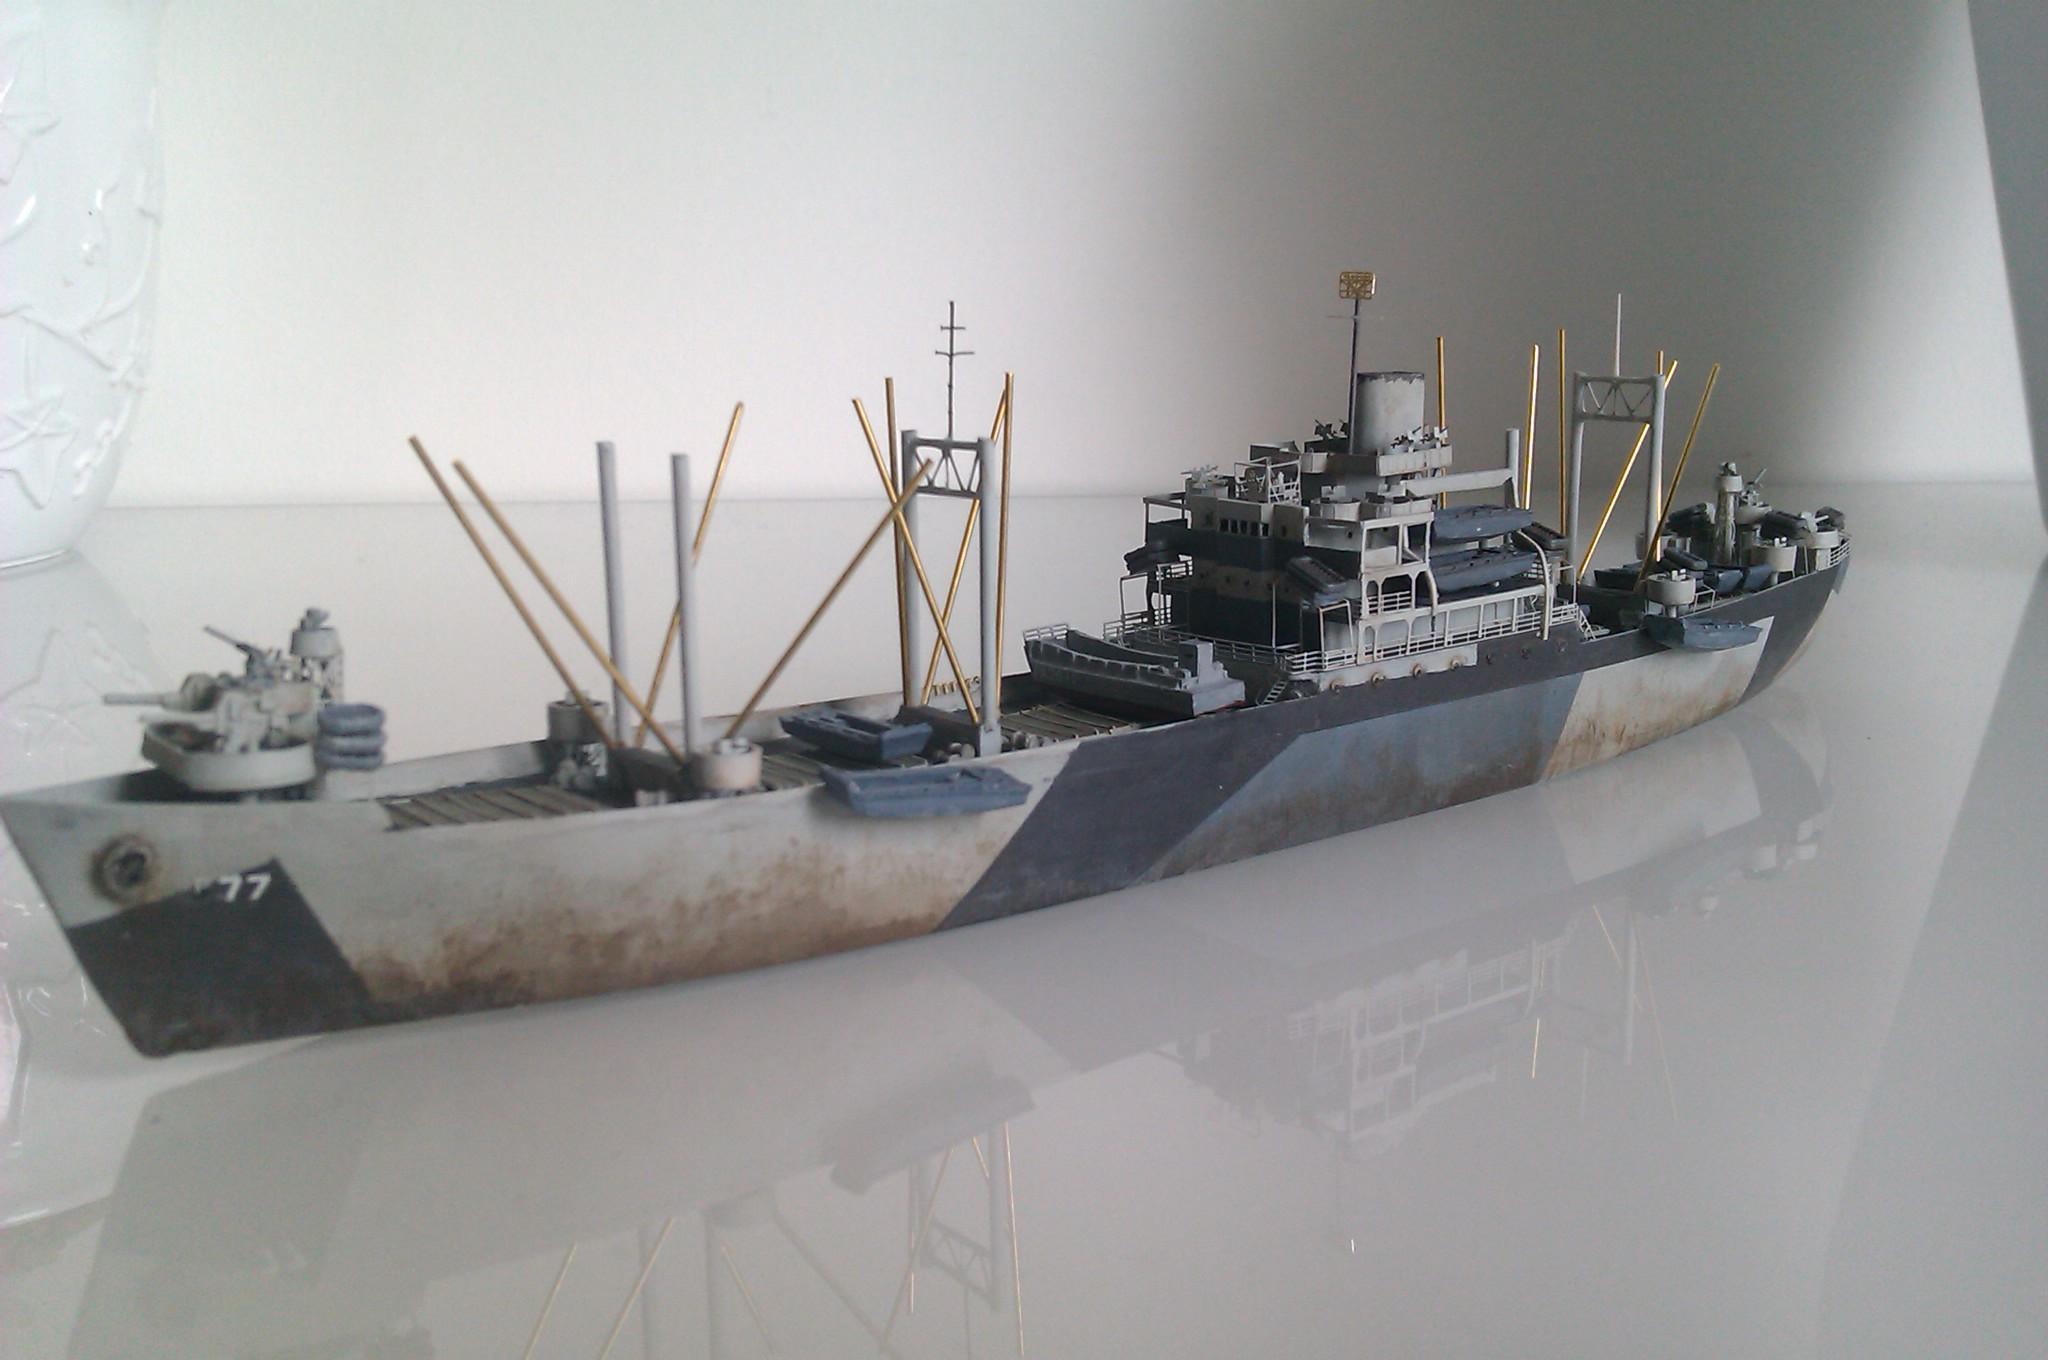 USS Thurston 1/700 à partir du kit Armerican scout de Loose cannon ZRmrqG8c5h